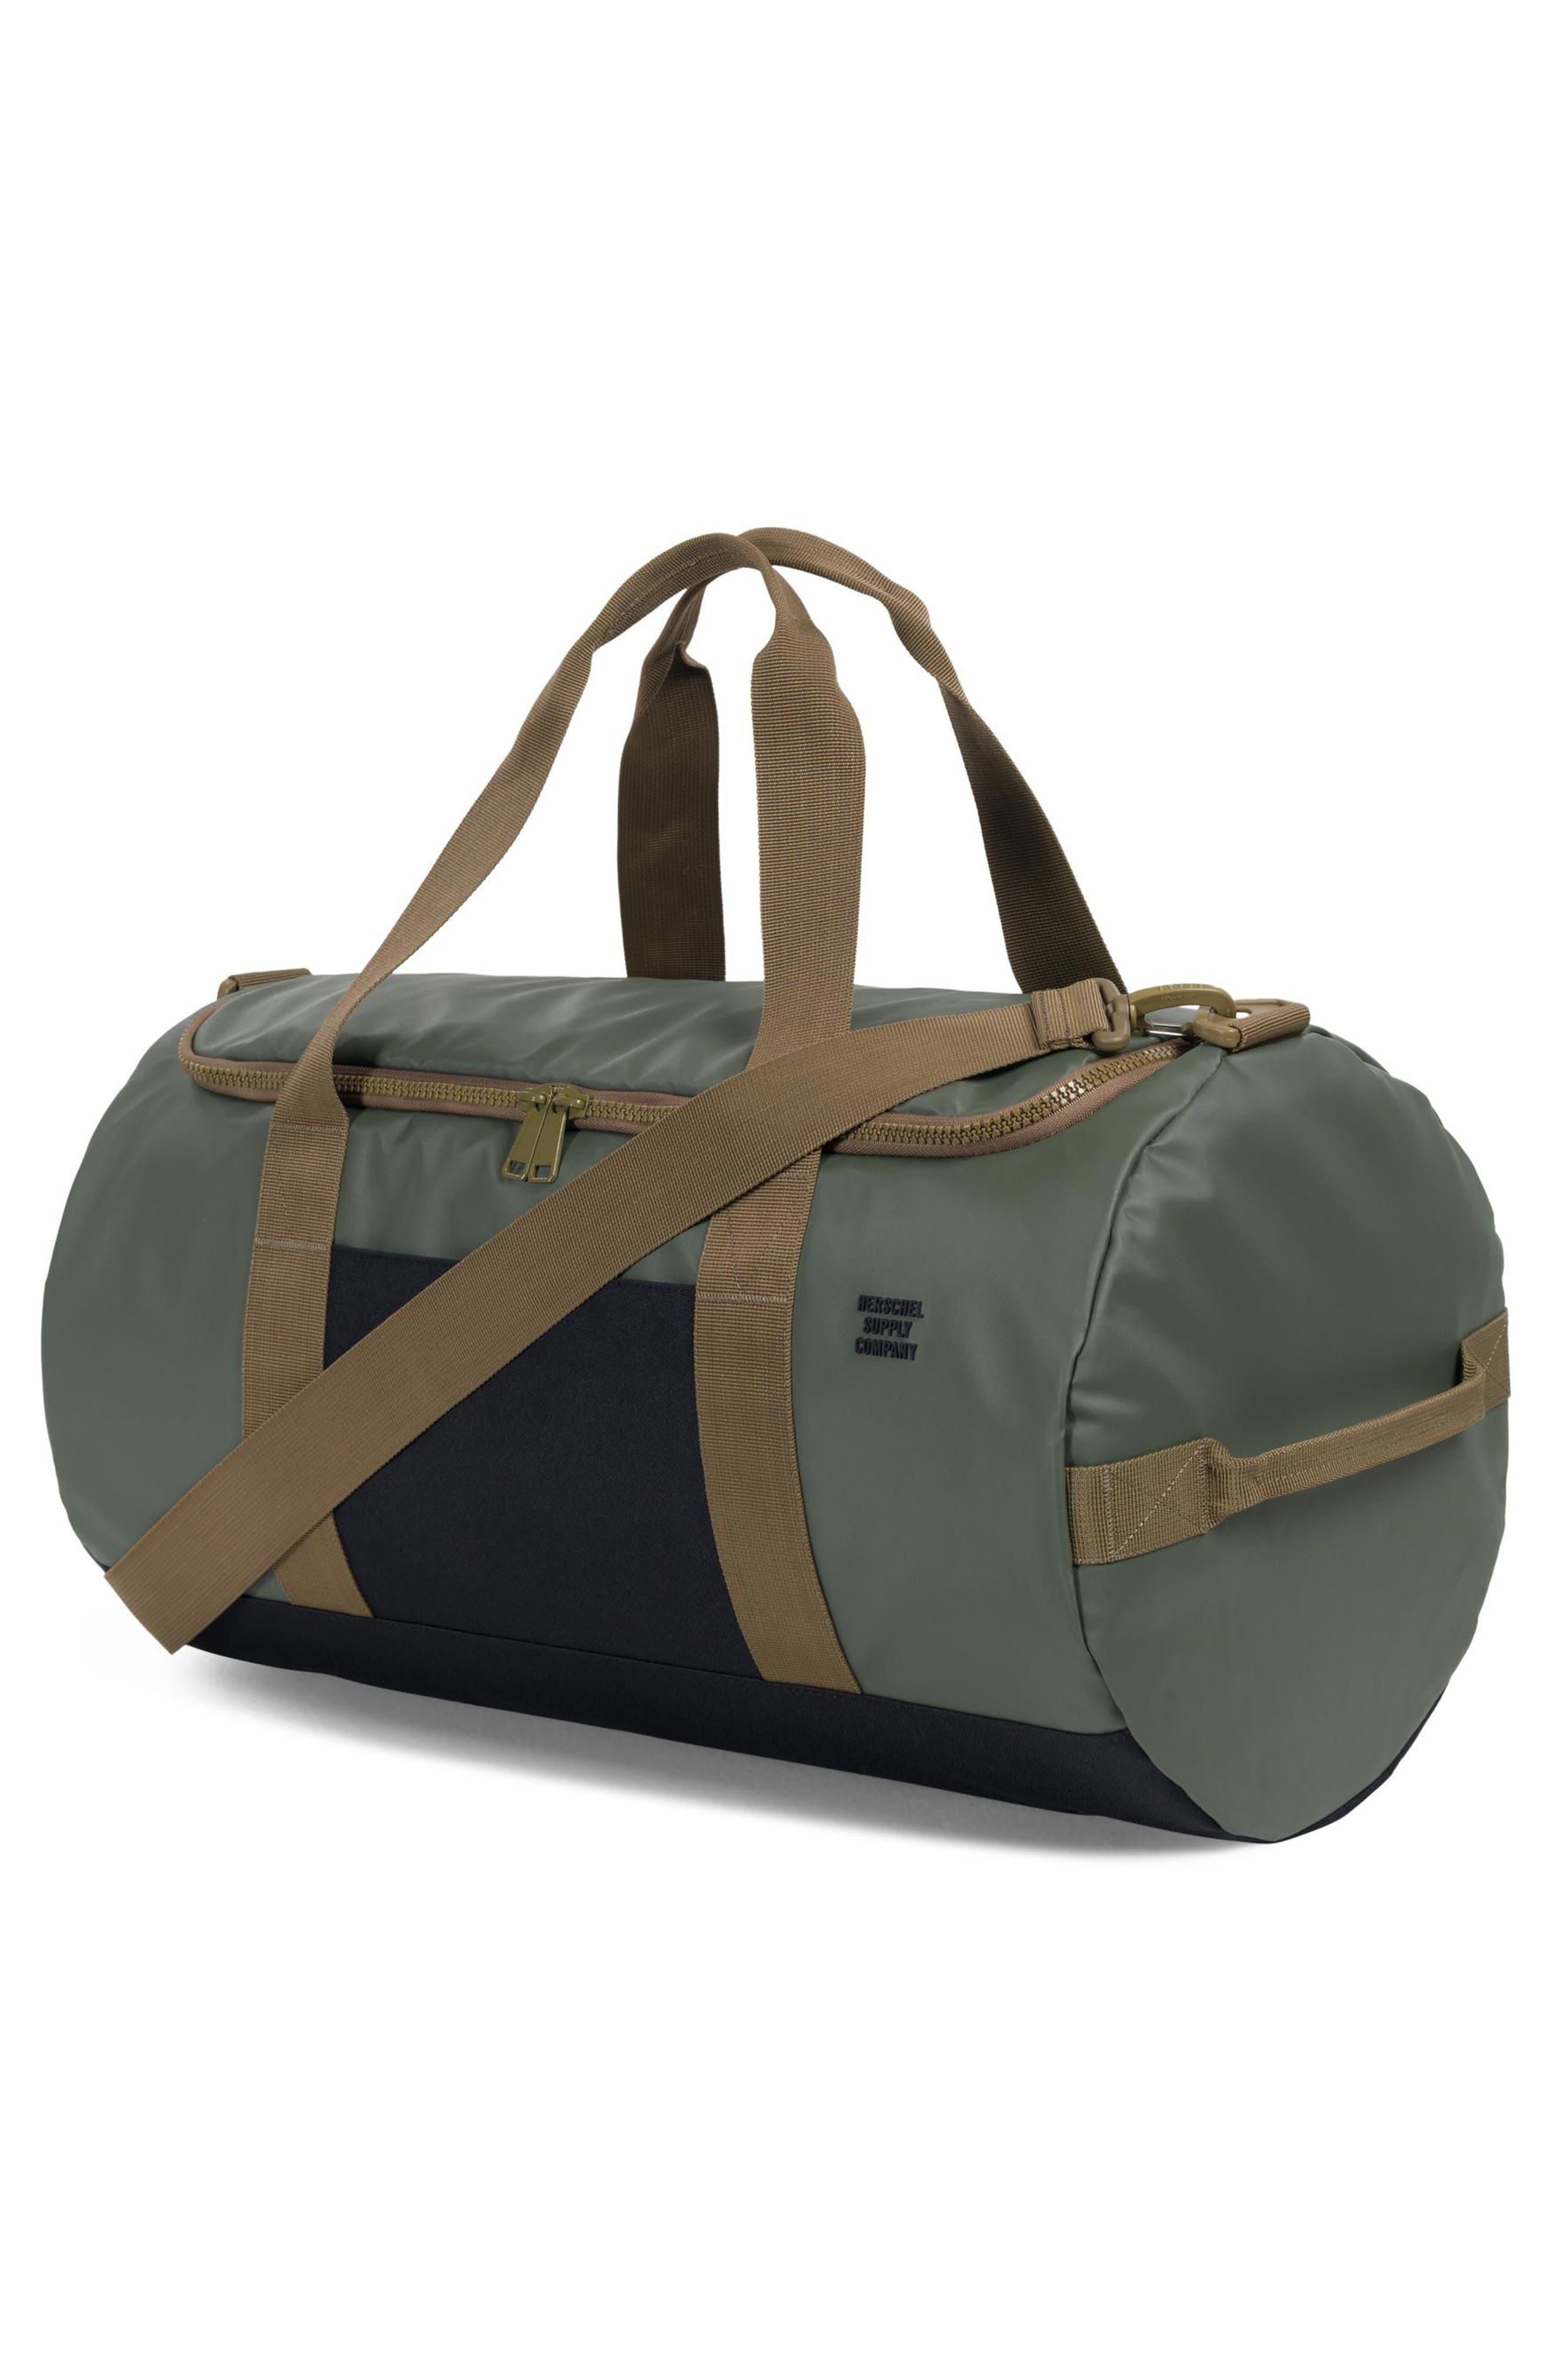 Sutton Polycoat Studio Duffel Bag,                             Alternate thumbnail 2, color,                             Beetle/Black/Gothic Olive